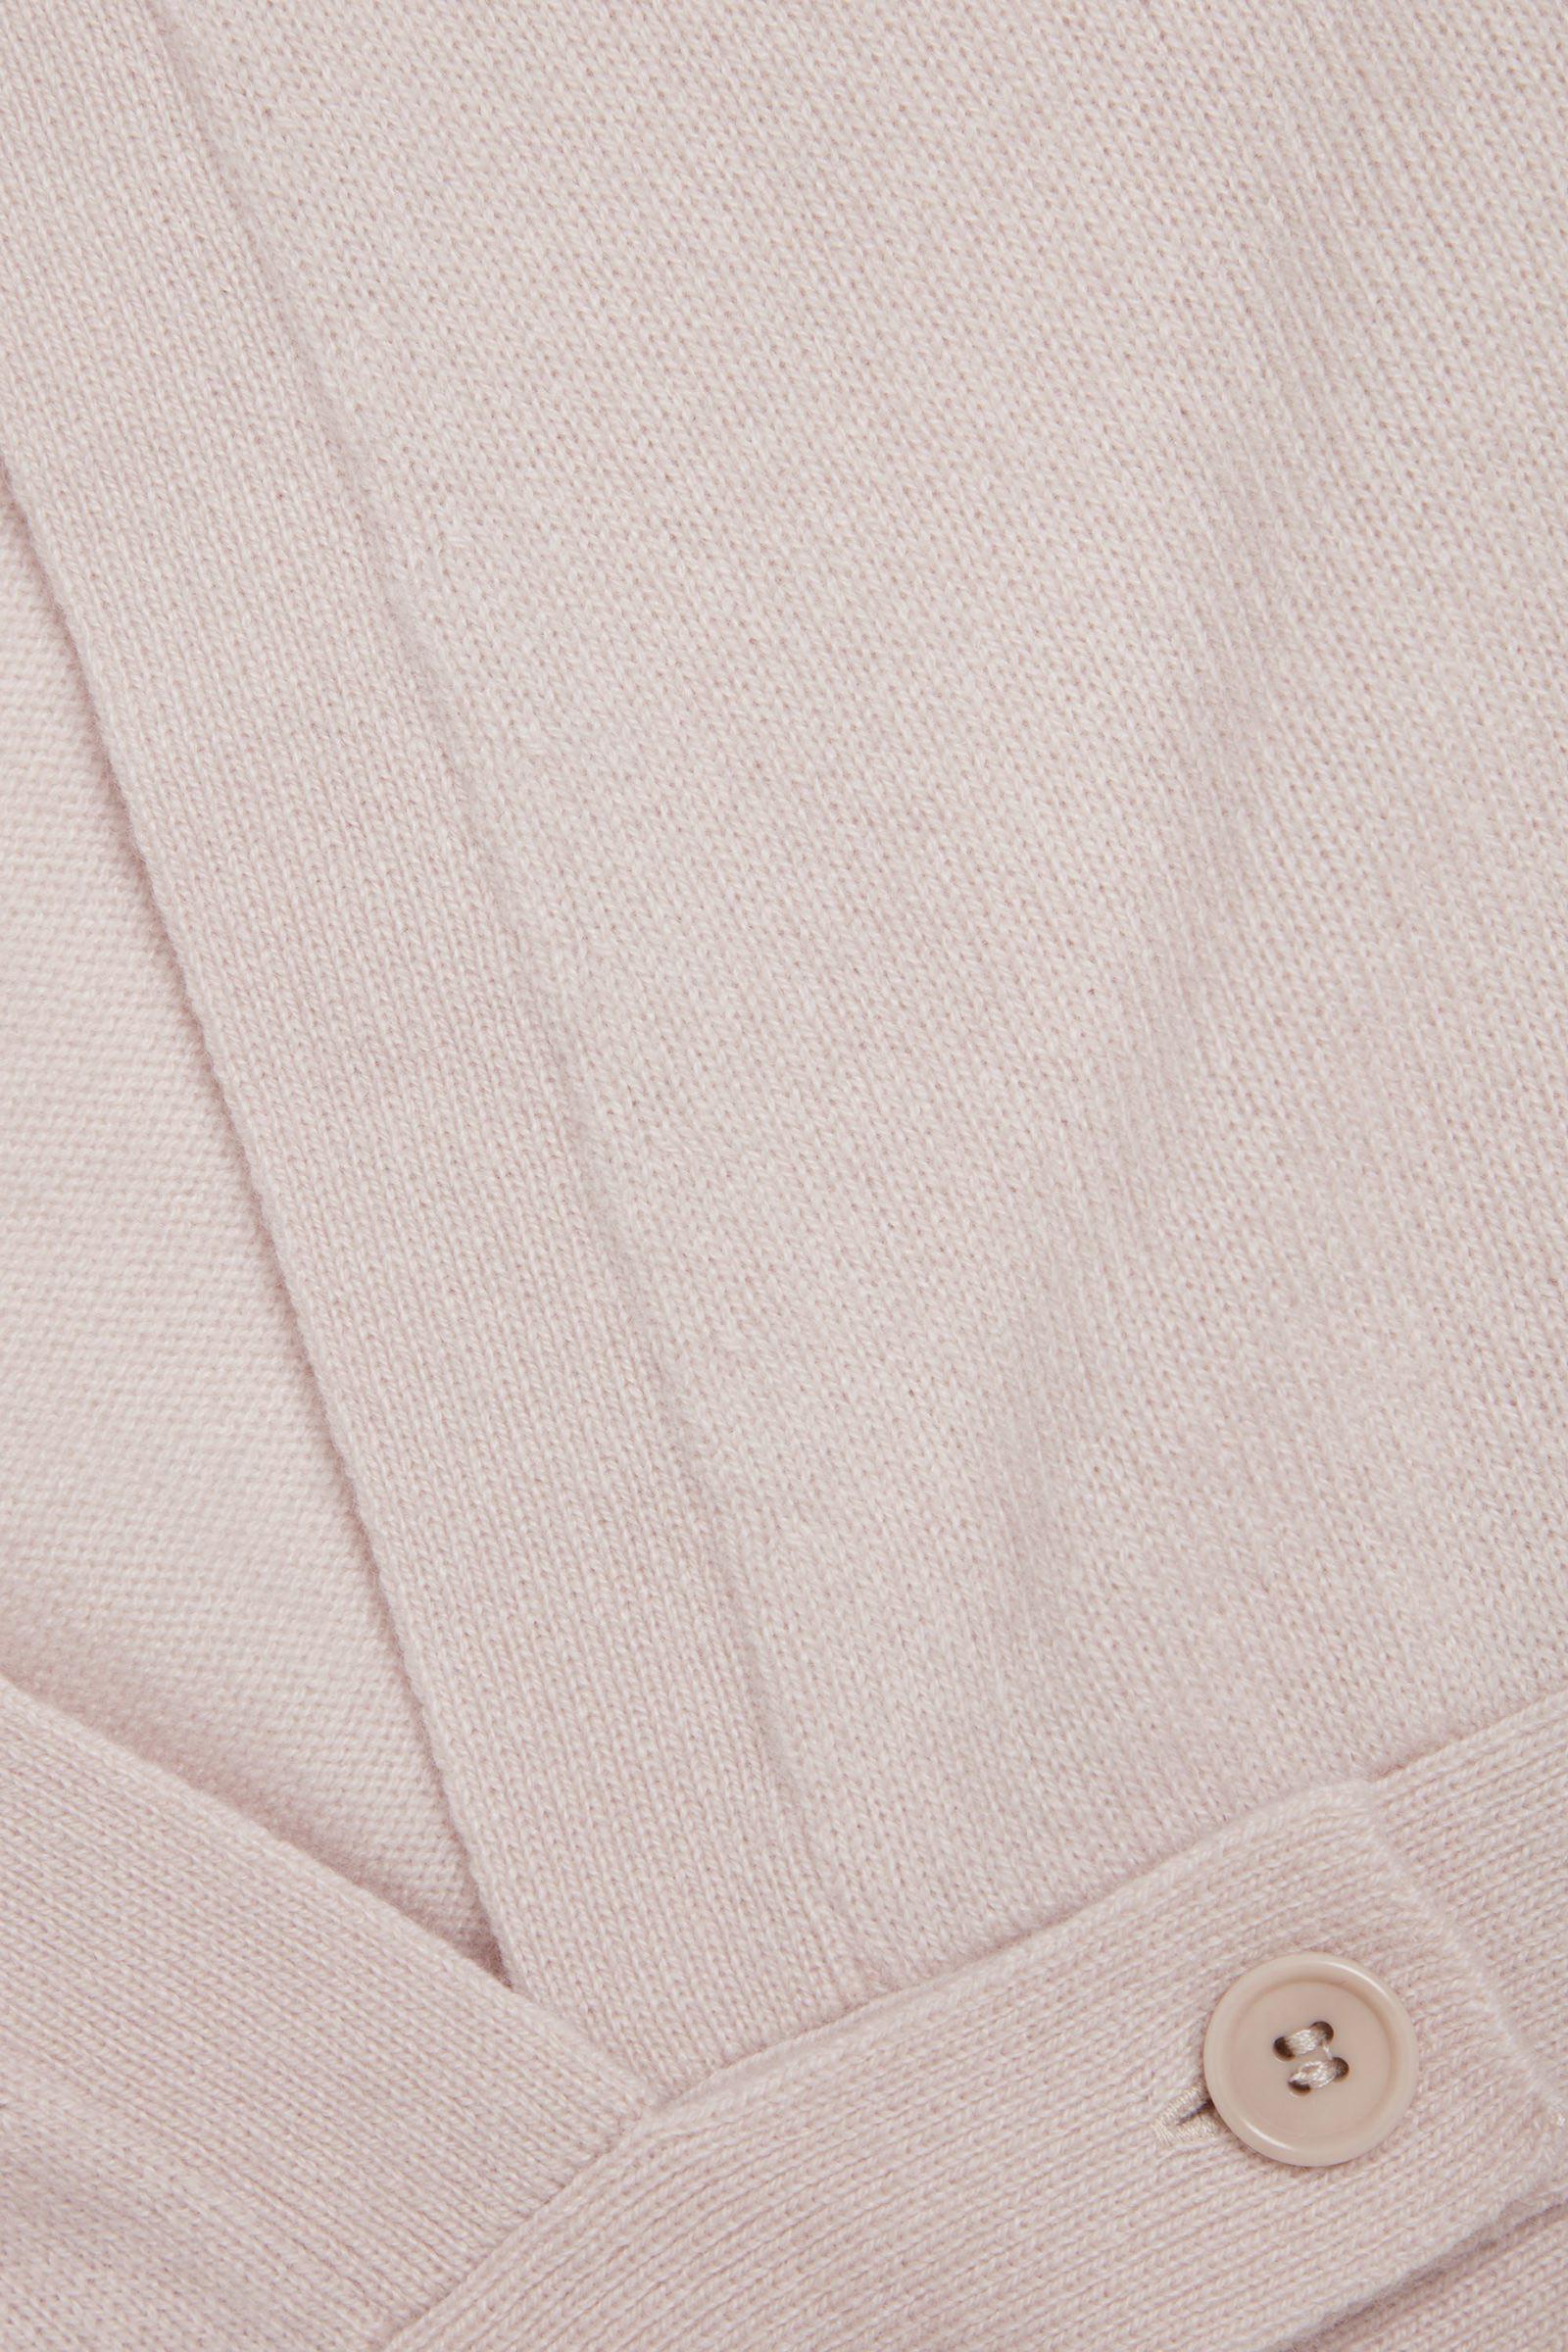 COS 리사이클드 캐시미어 랩 가디건의 라이트 핑크컬러 Detail입니다.